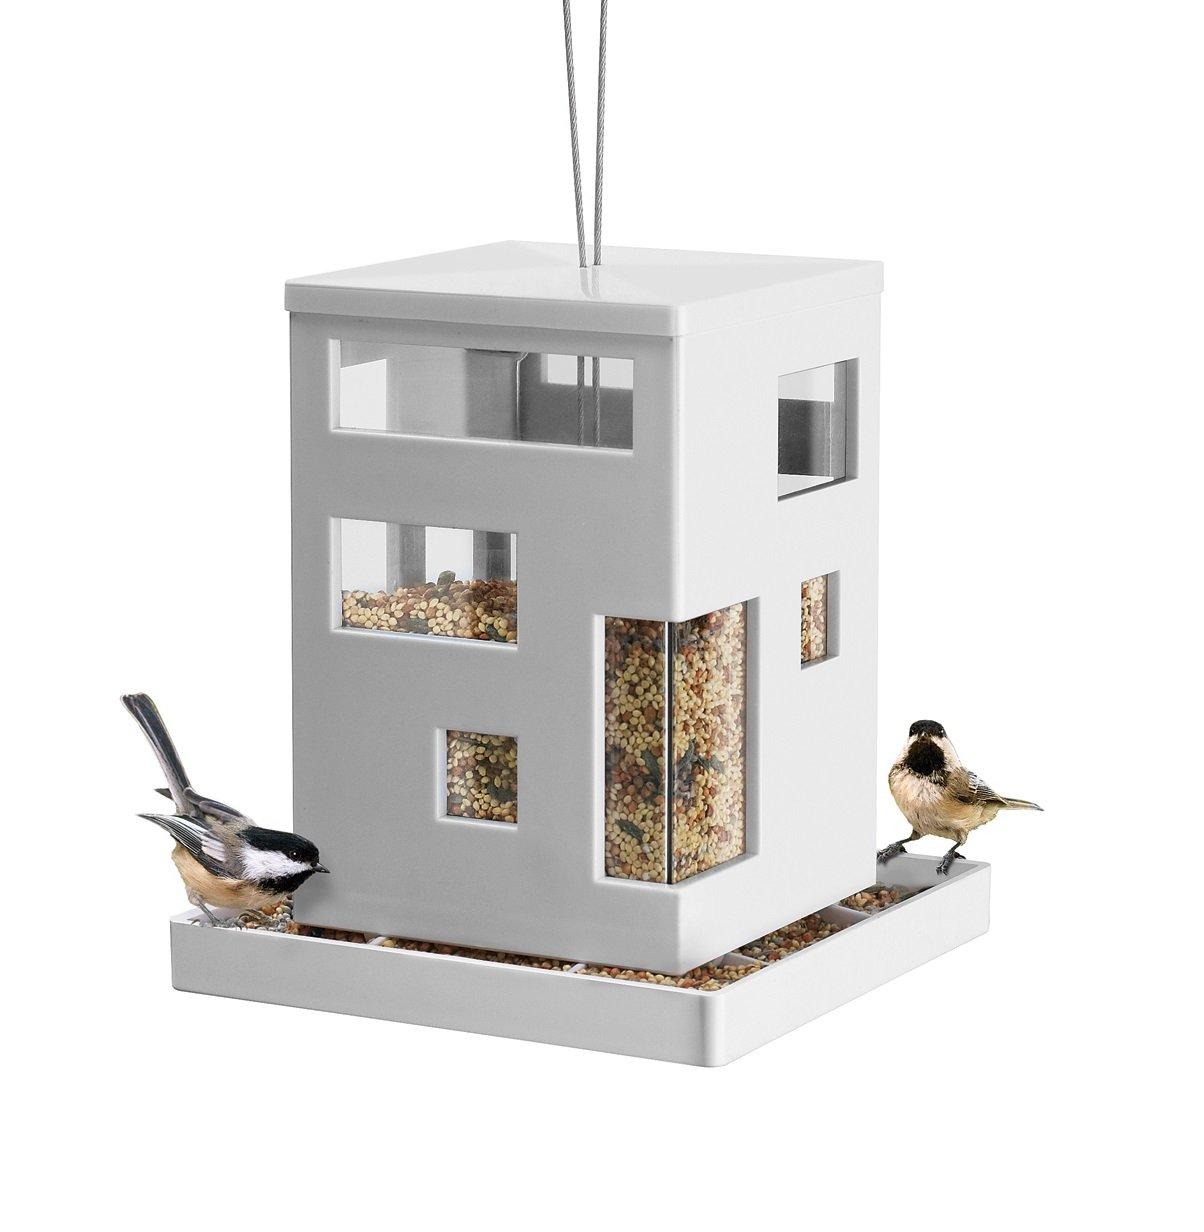 Umbra 480290-660 Bird Cafe Feeder, weiß weiß